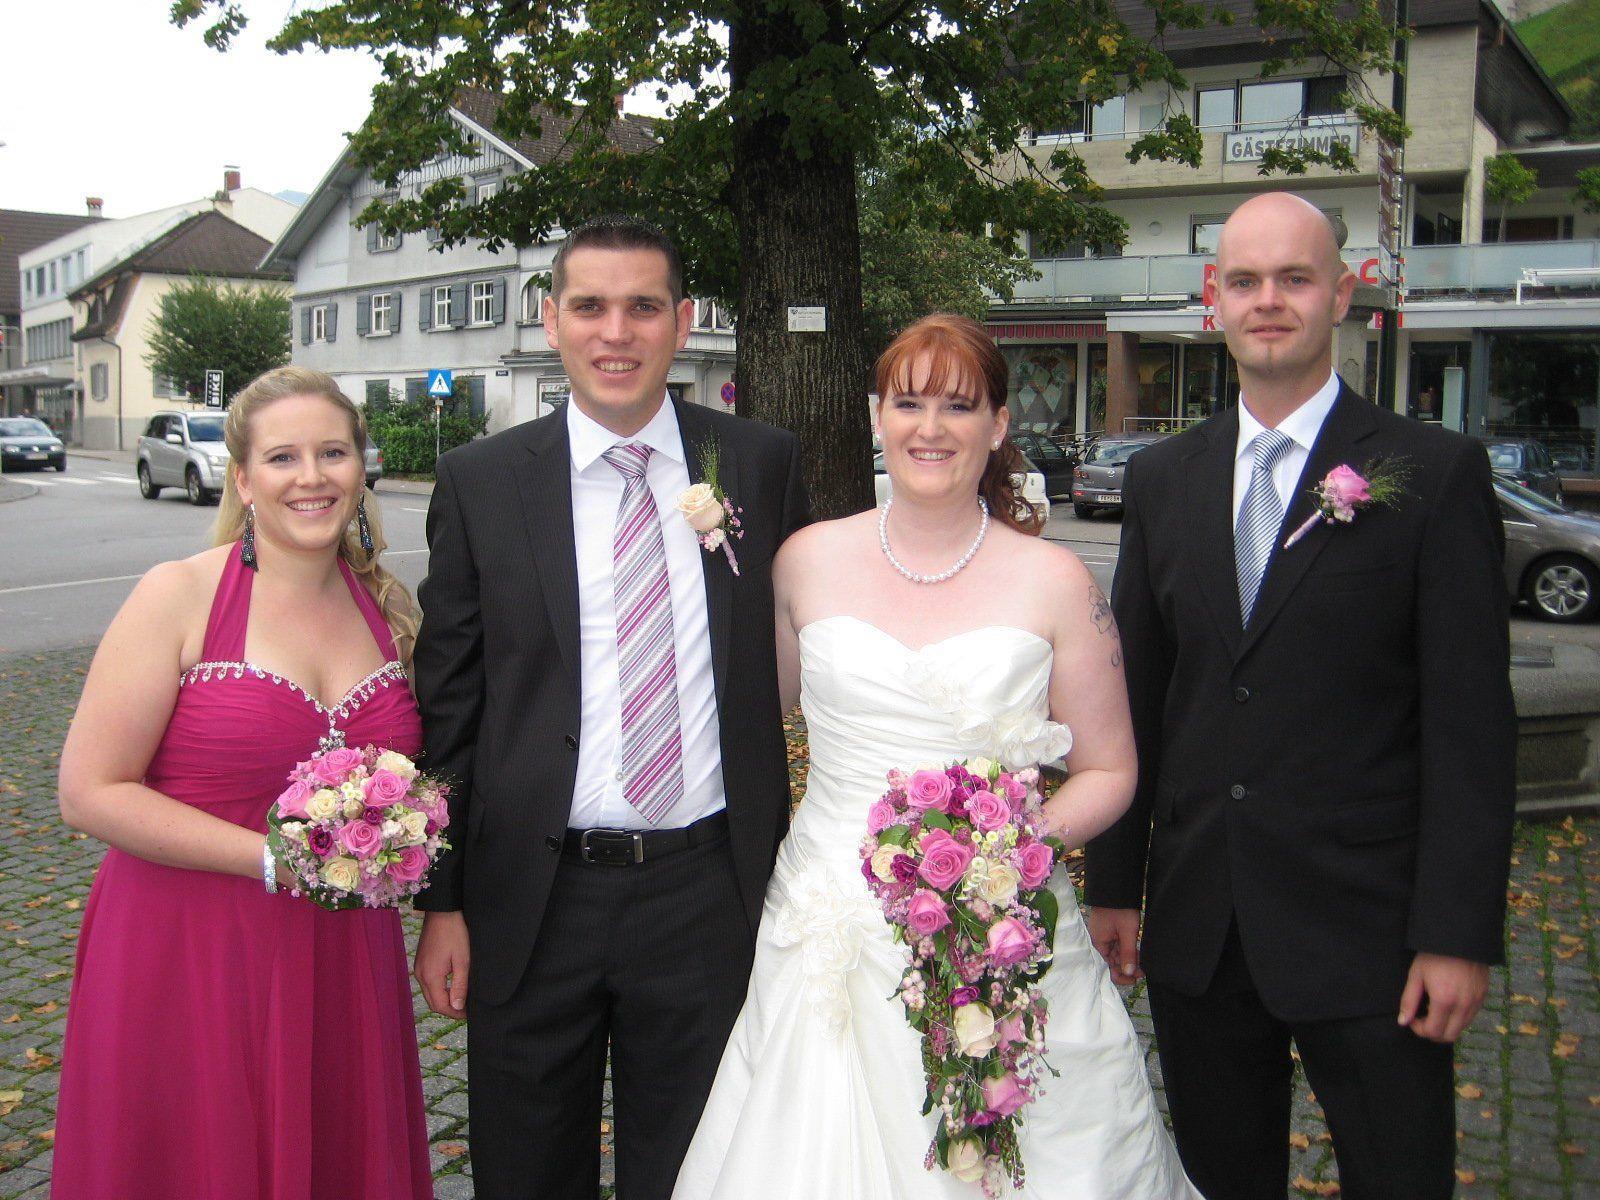 Colette Grand und Stefan Fritsch haben geheiratet.